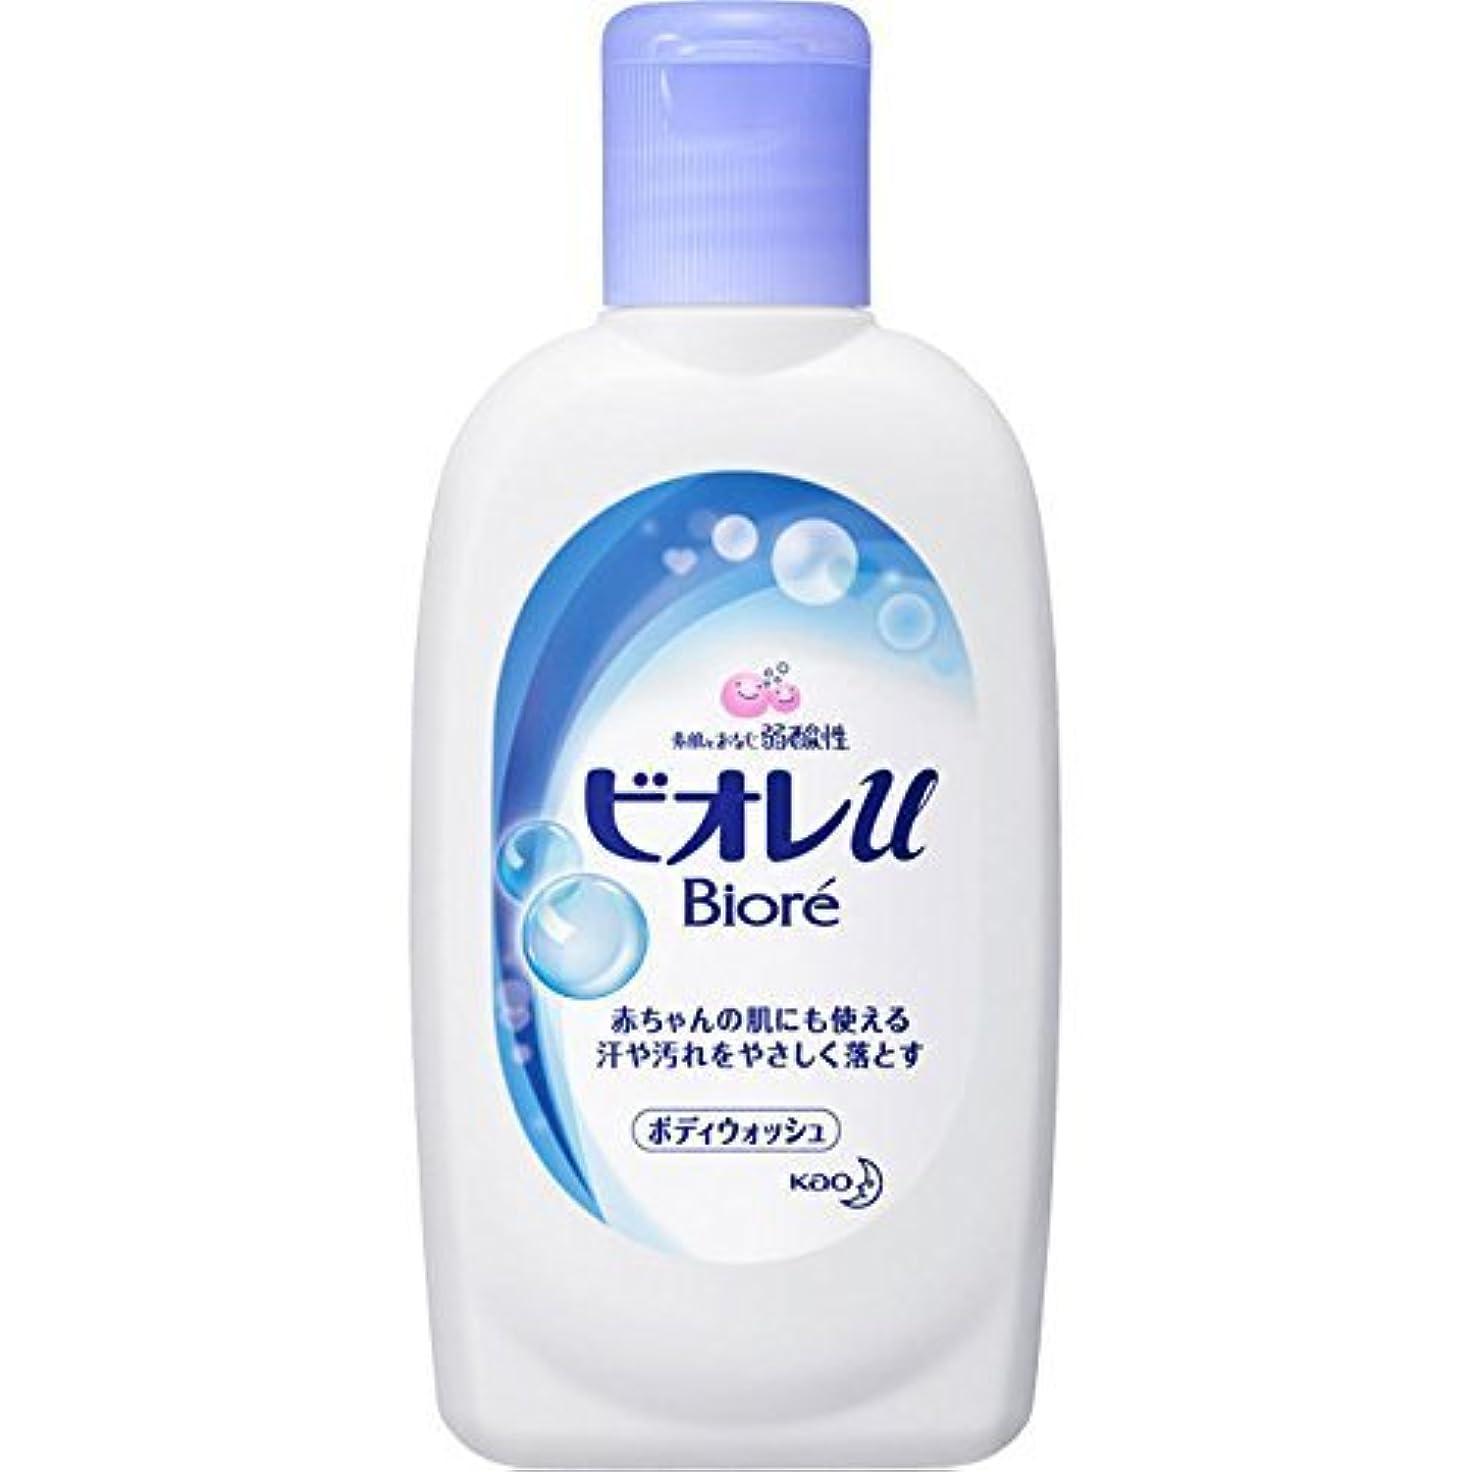 広告手首音節【花王】ビオレu ミニフレッシュフローラルの香り 90ml ×20個セット